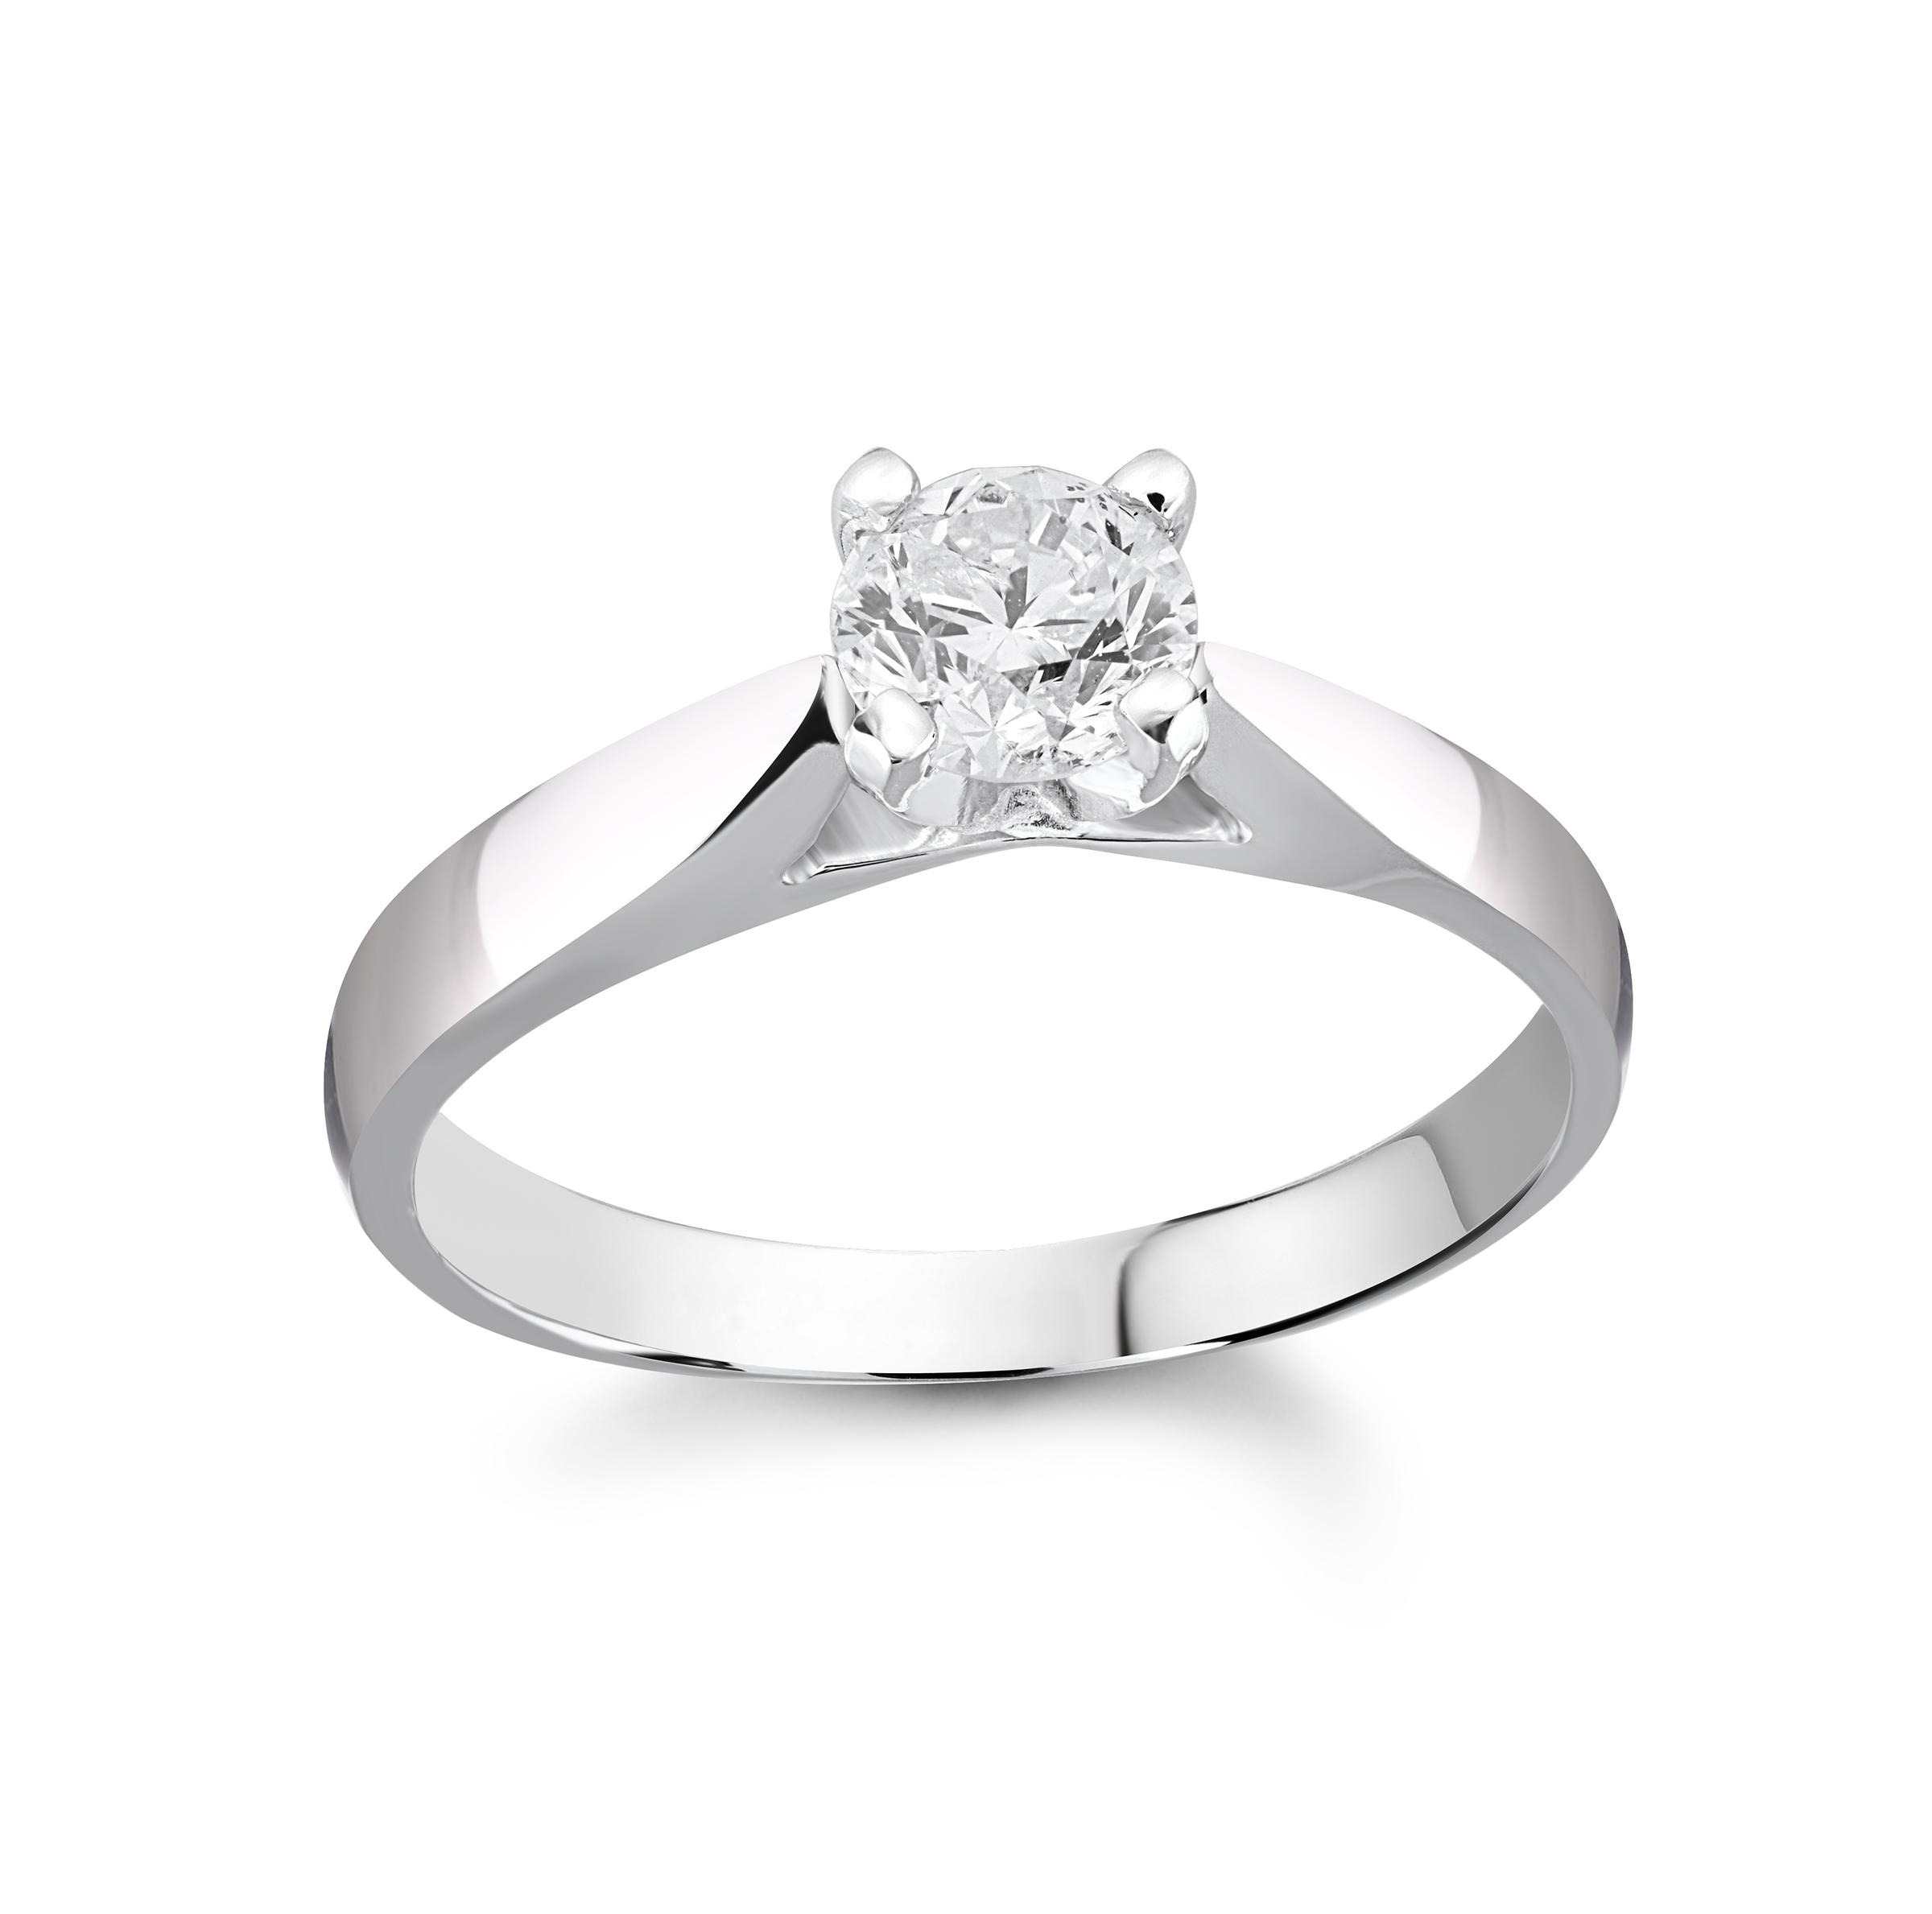 Bague de fiançailles - Or blanc 14K & Diamant solitaire de 0.50 Carat